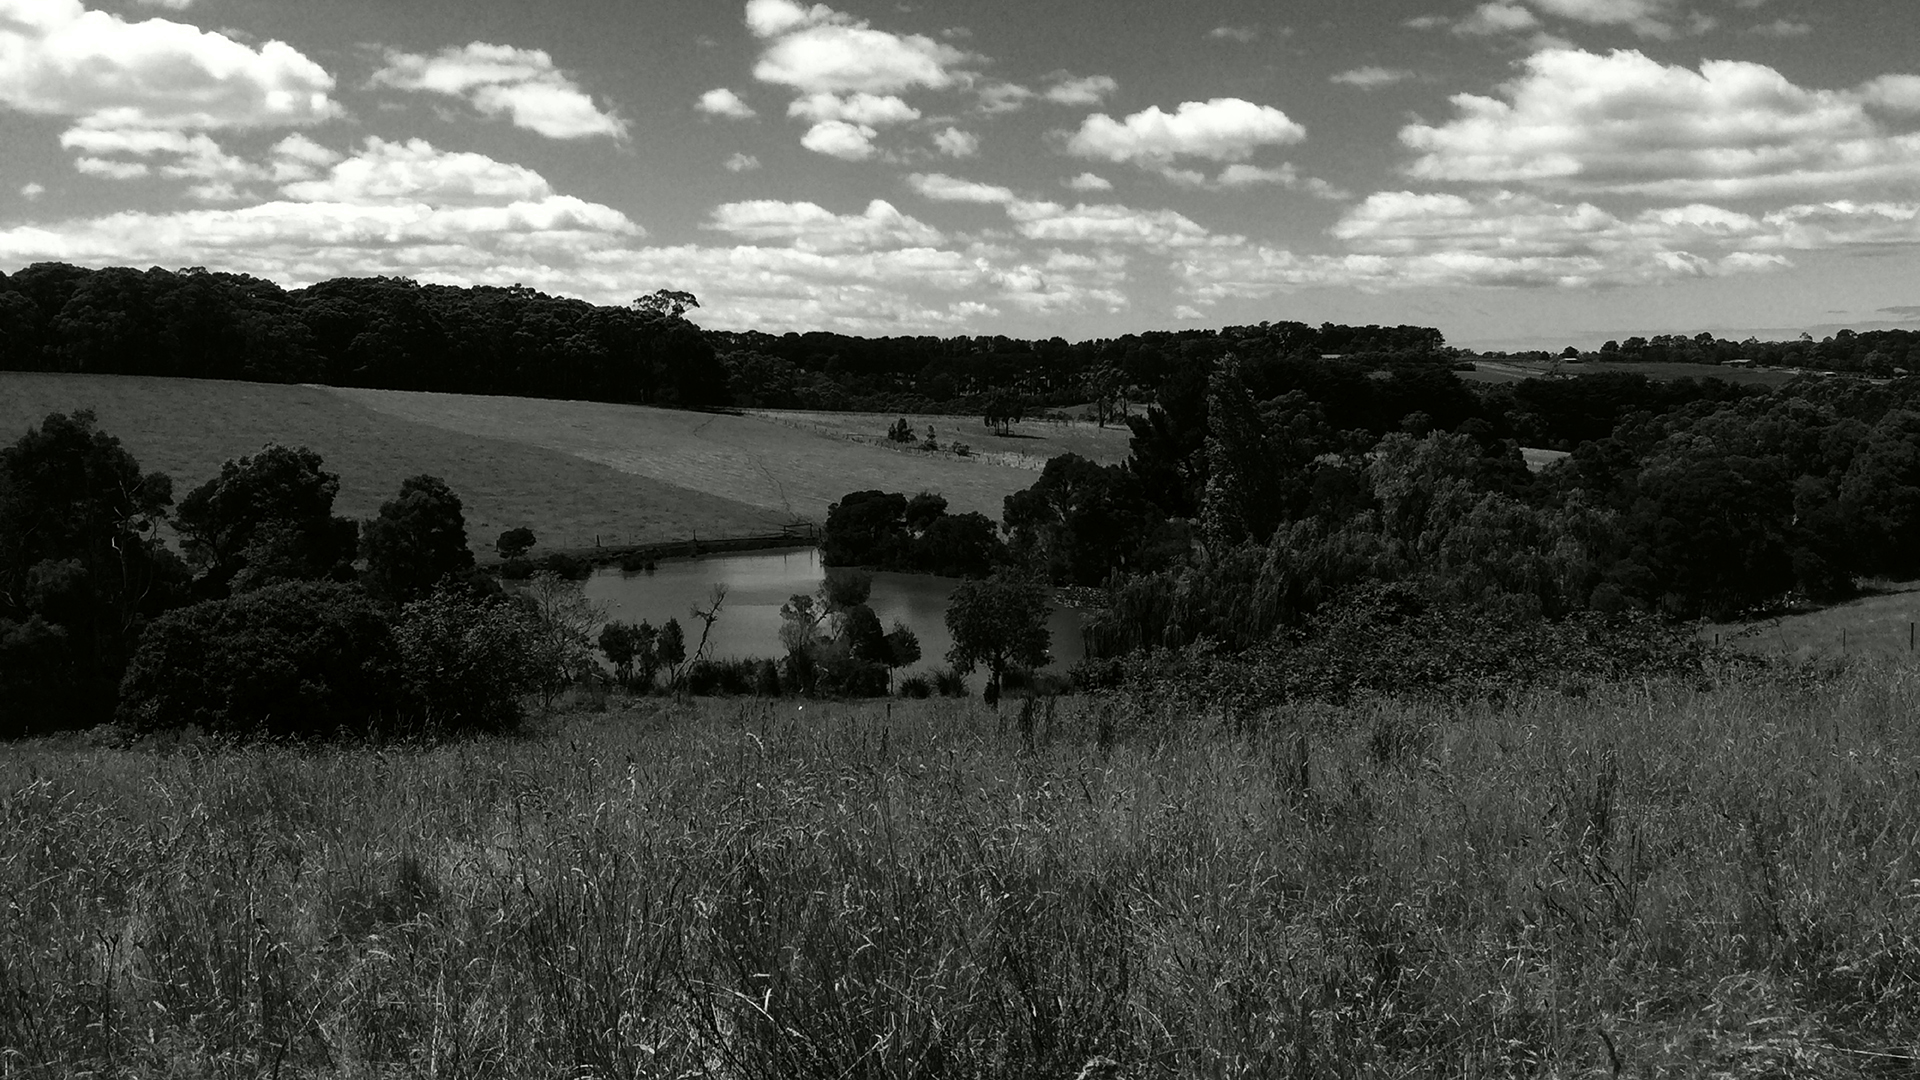 Main Creek Road2_1920x1080_.jpg